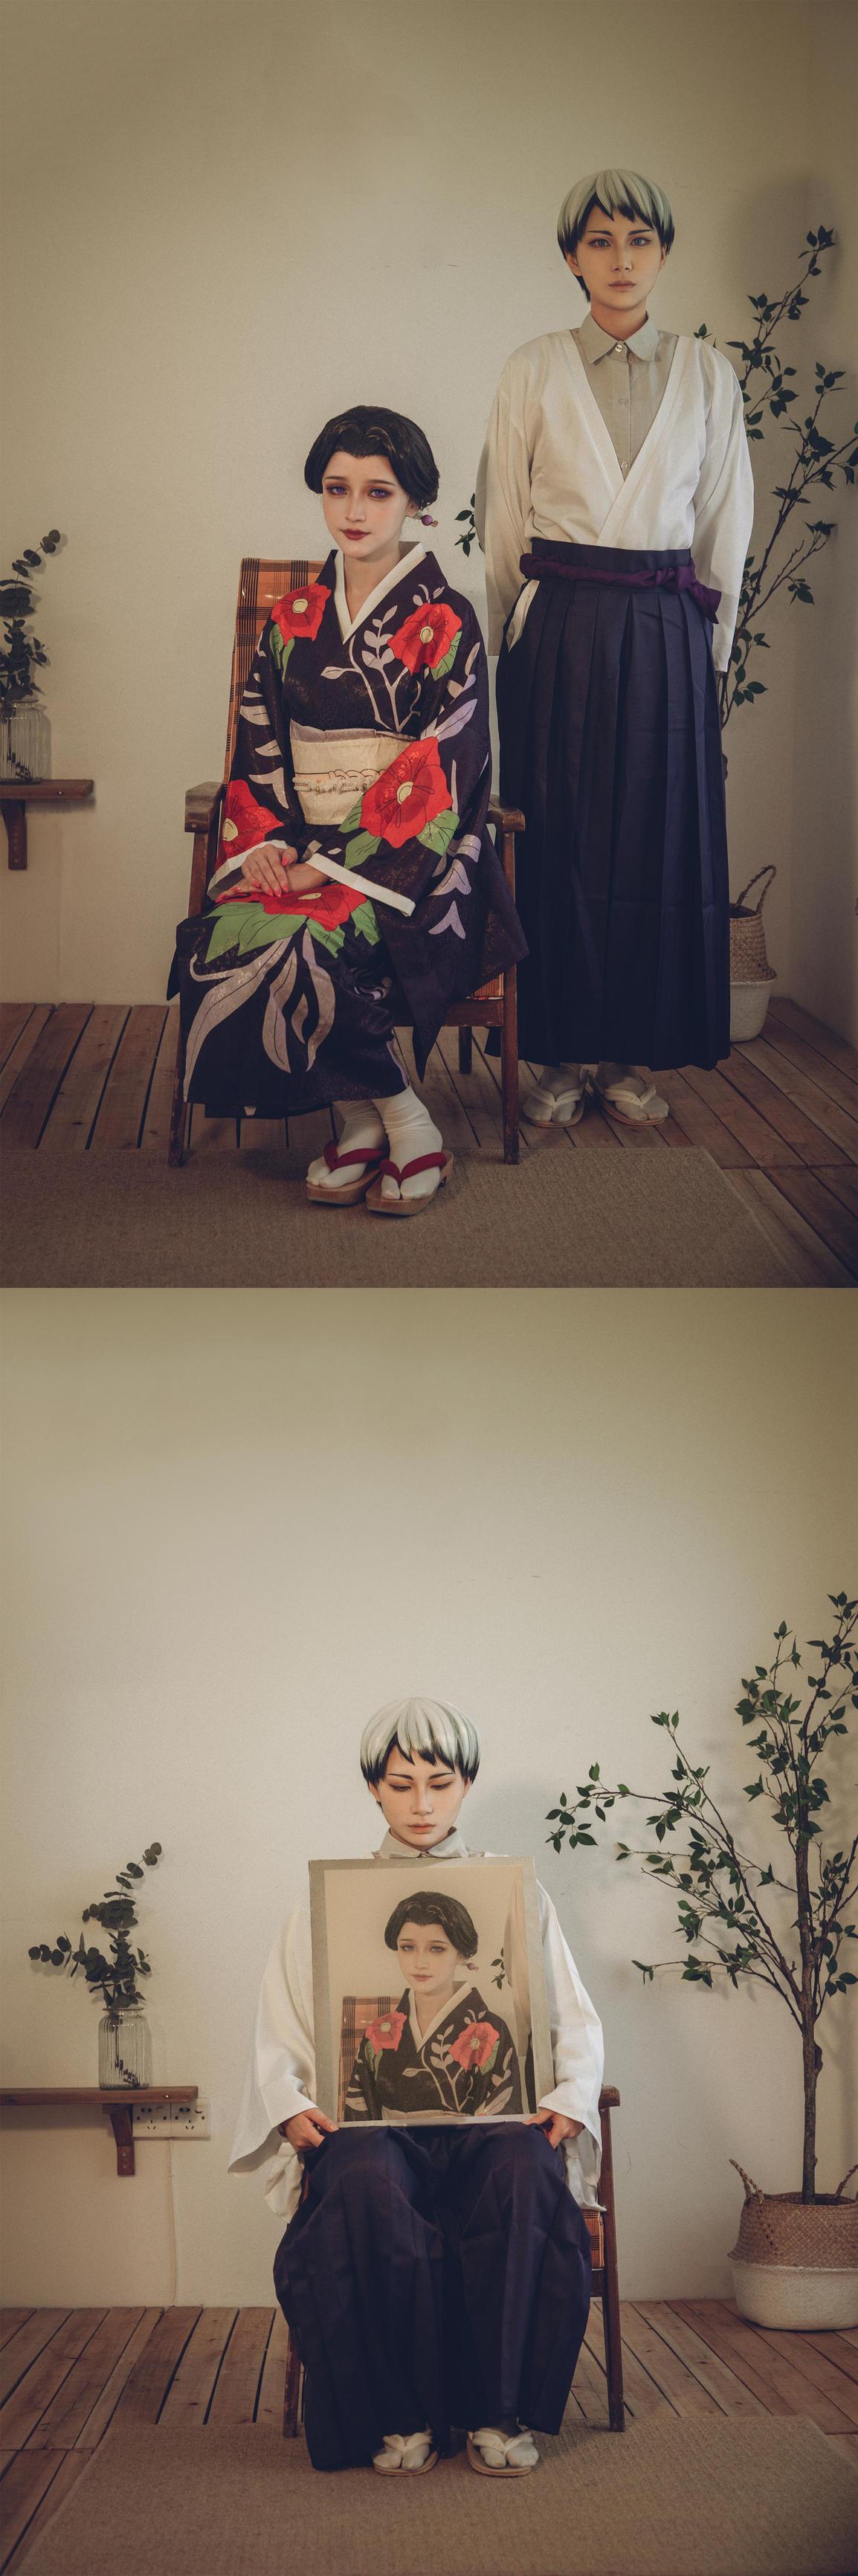 《鬼灭之刃》愈史郎cosplay【CN:-动漫cosplay图片女装靥-】 –插图